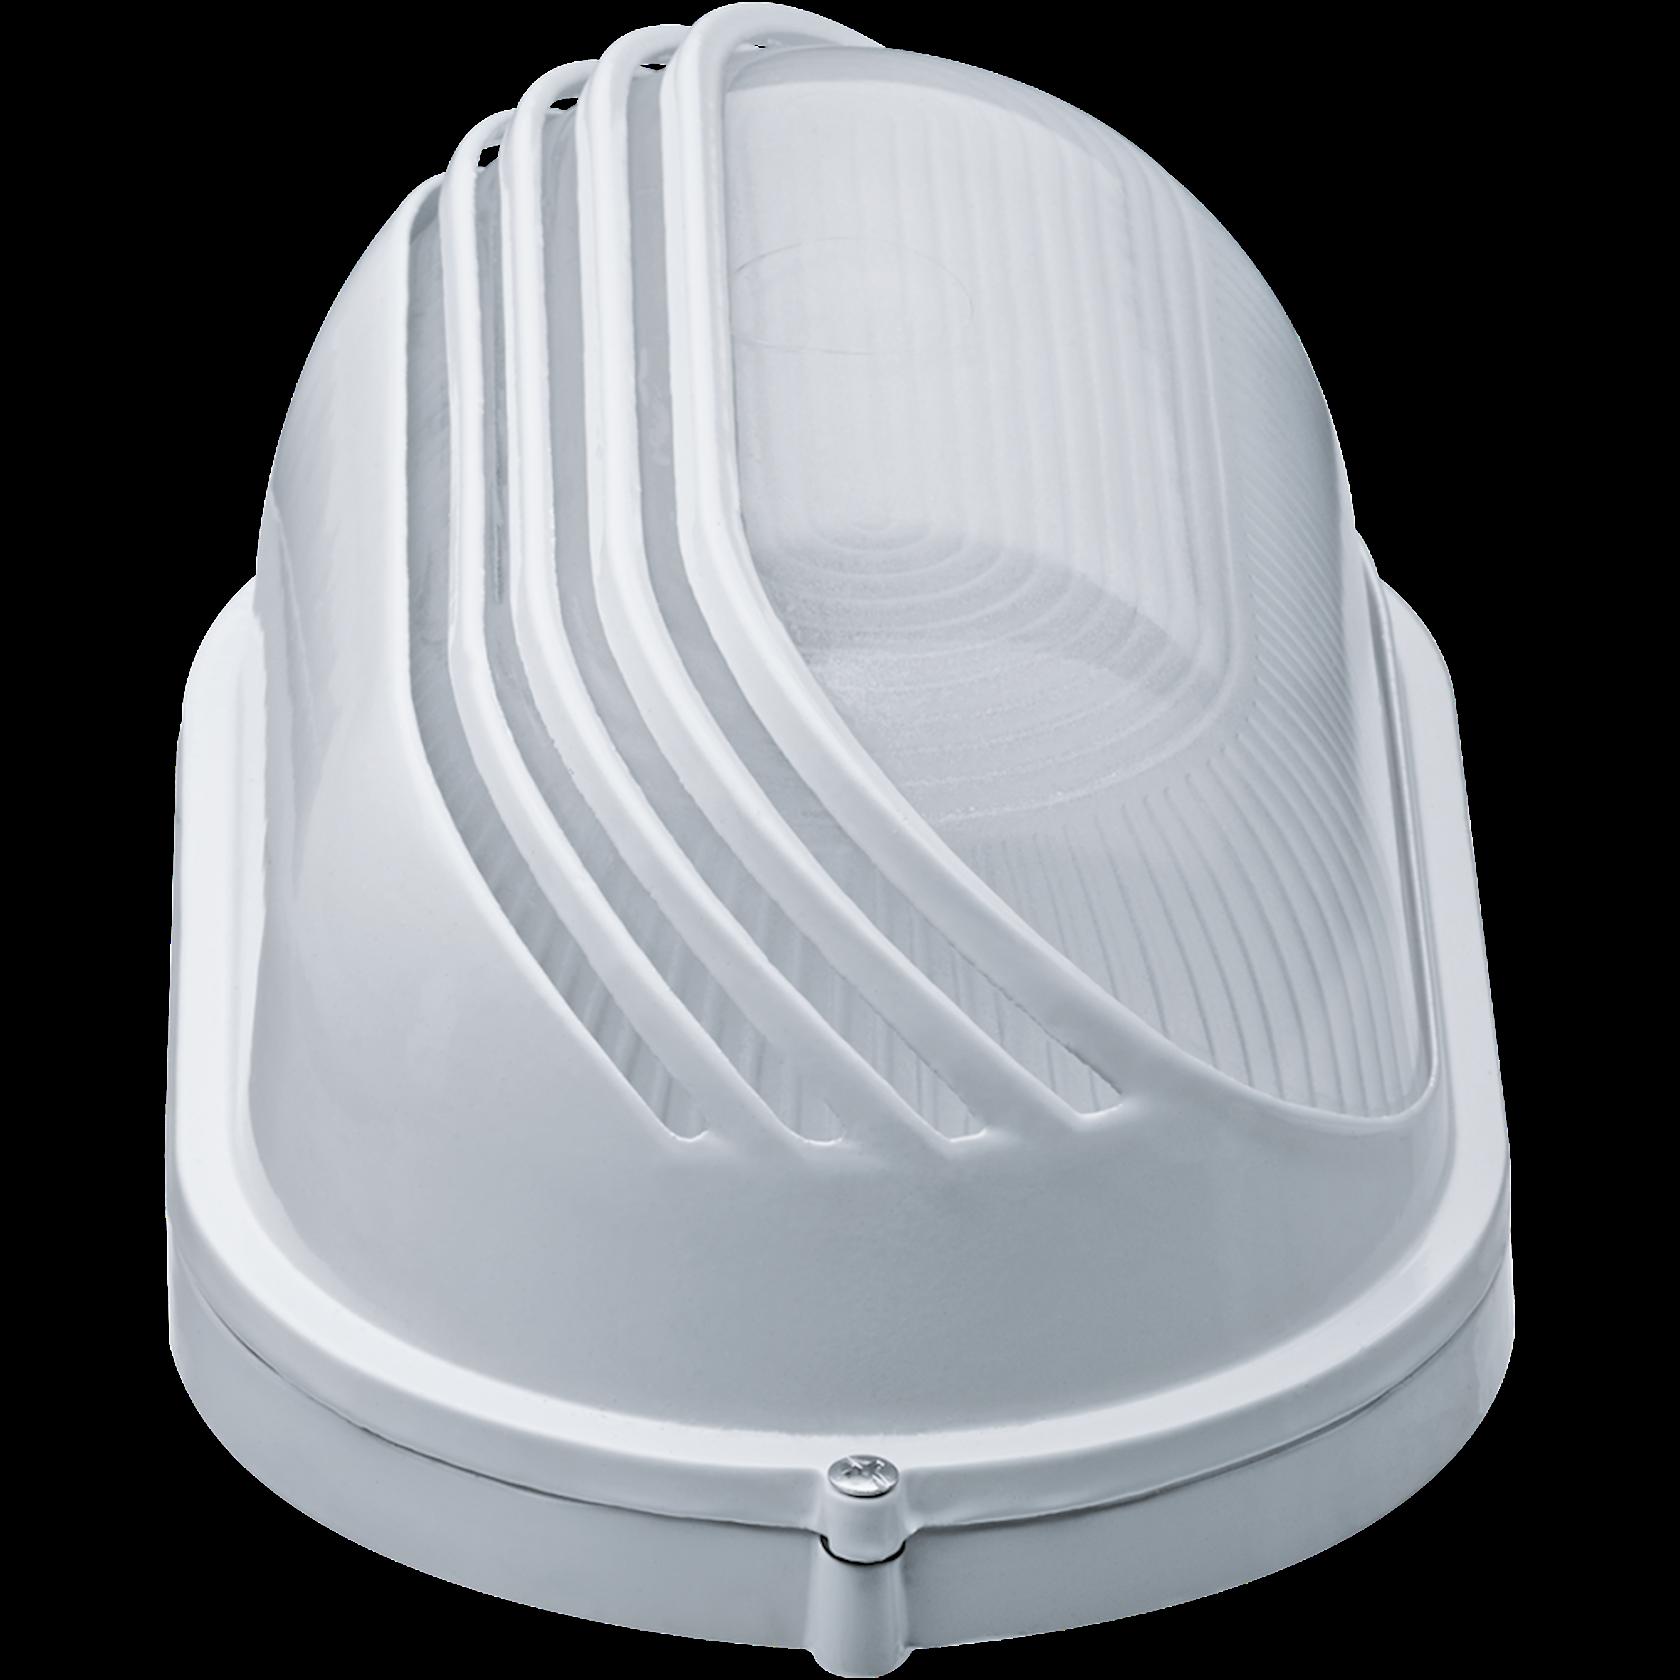 Səthə quraşdırılan çıraq Navigator NBL-O3-100-E27/WH, 100Vt, ağ rəng, ölçü 265x110x155mm